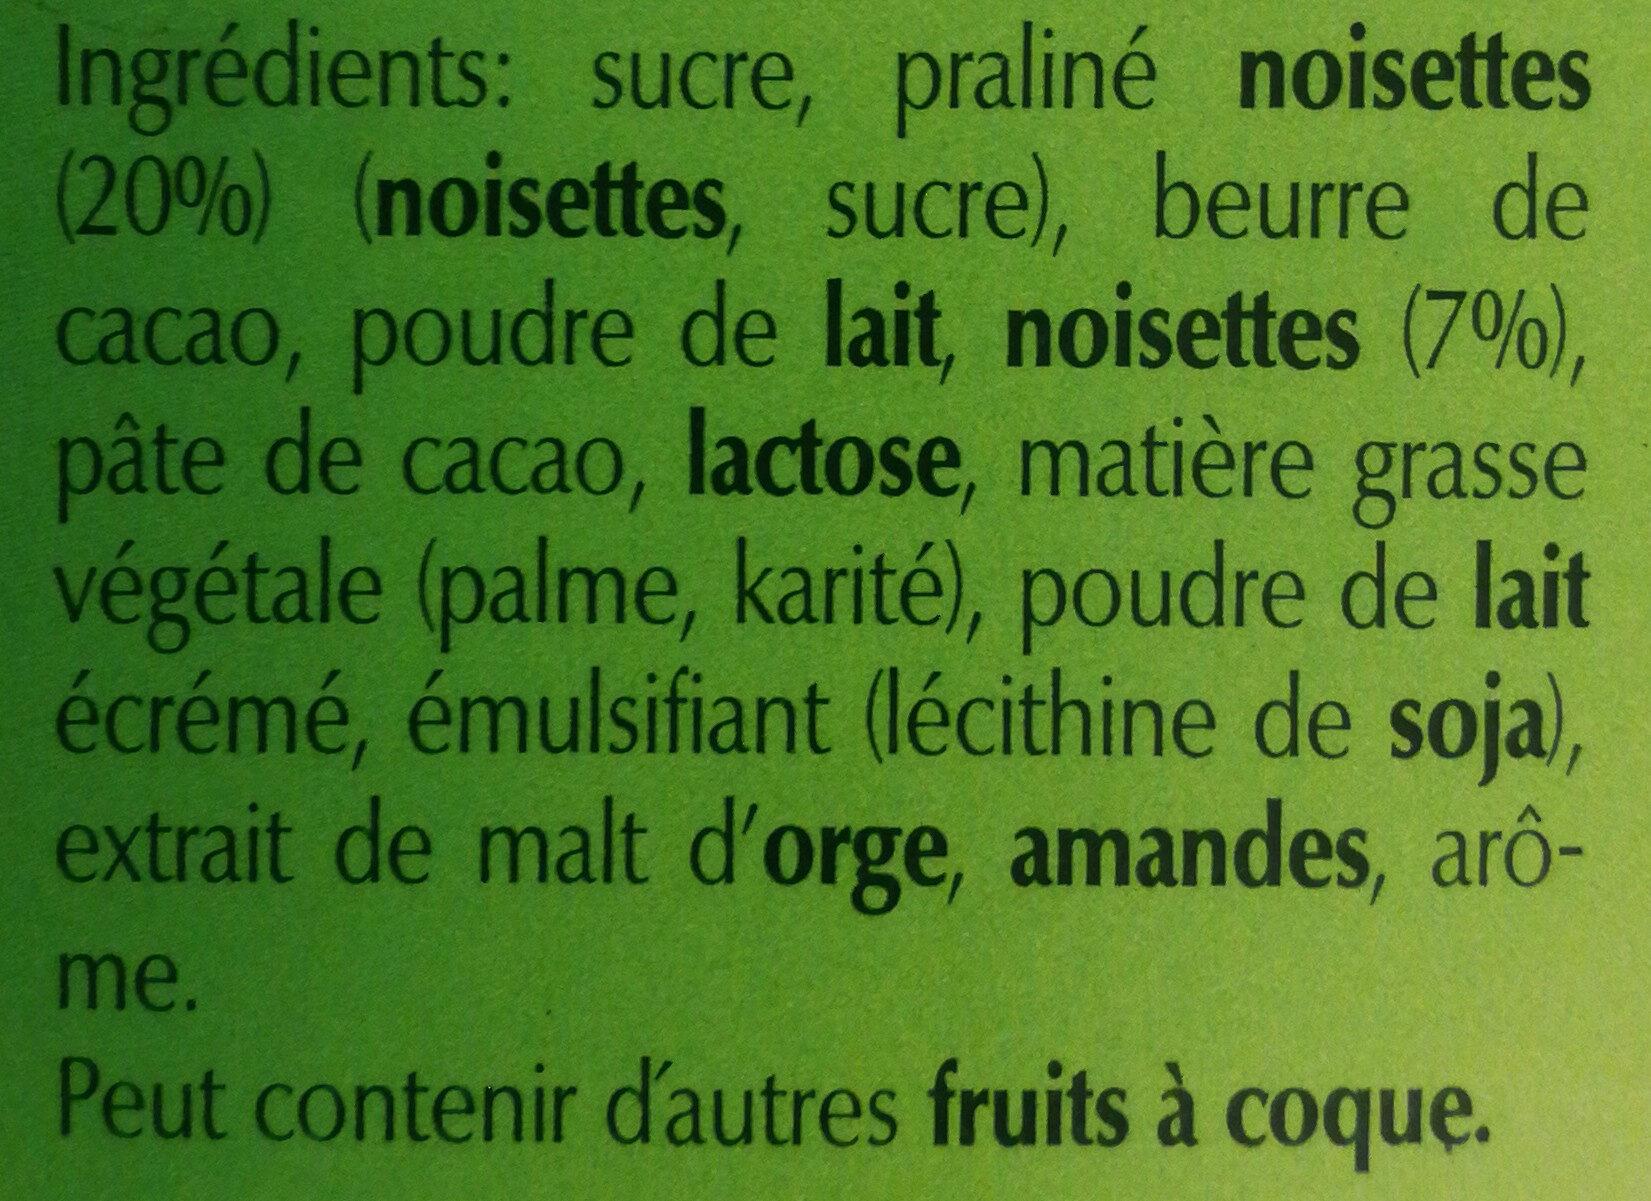 Chocoletti, lait praliné noisettes - Ingredients